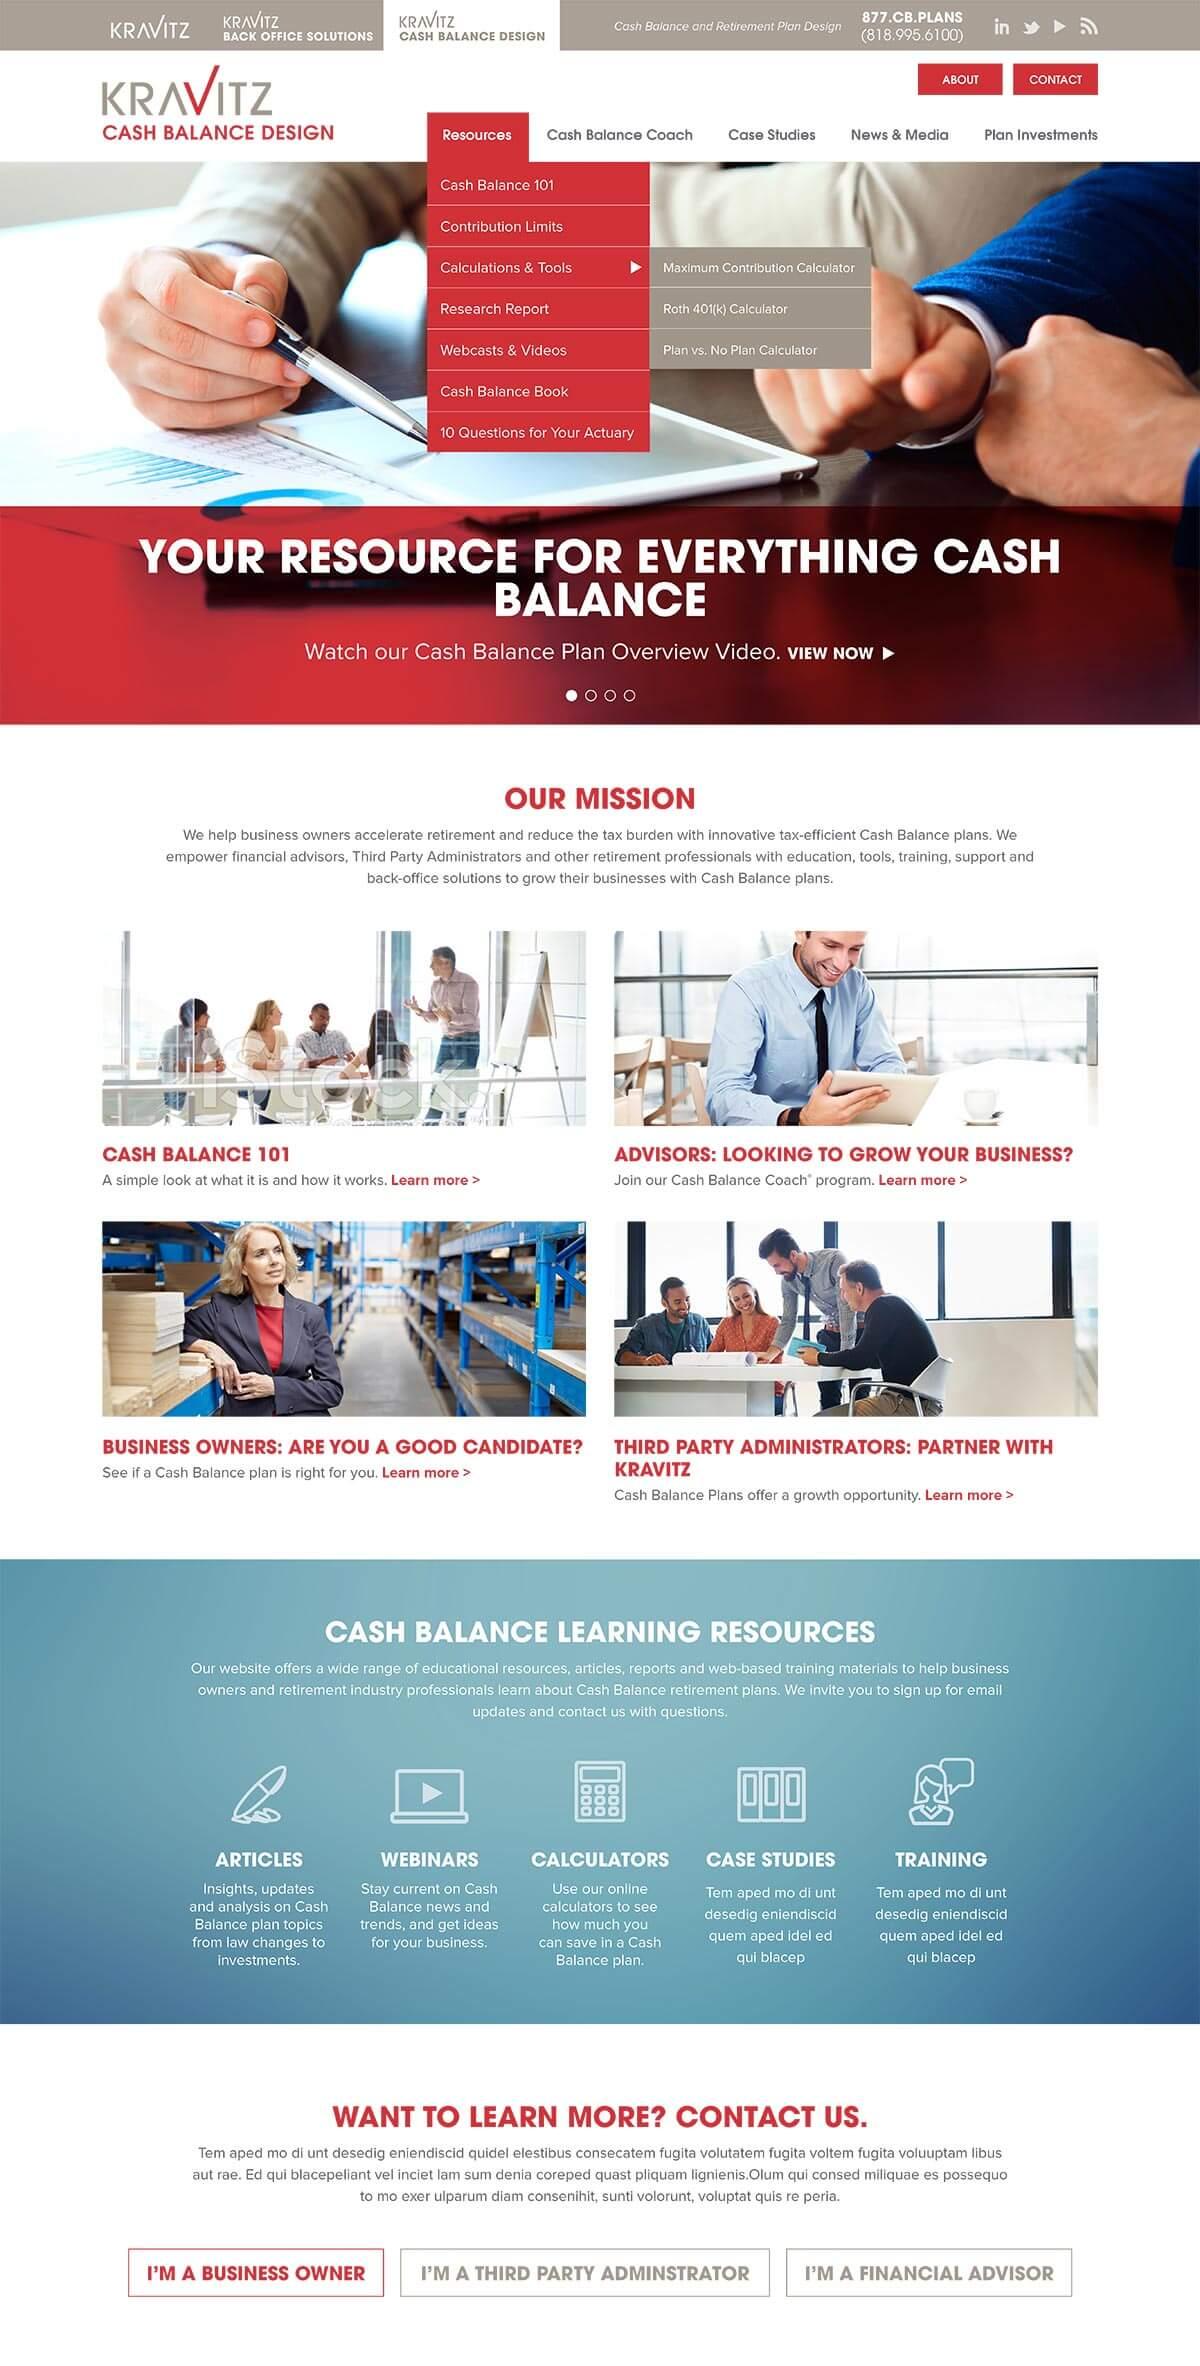 Kravitz - Financial services homepage design